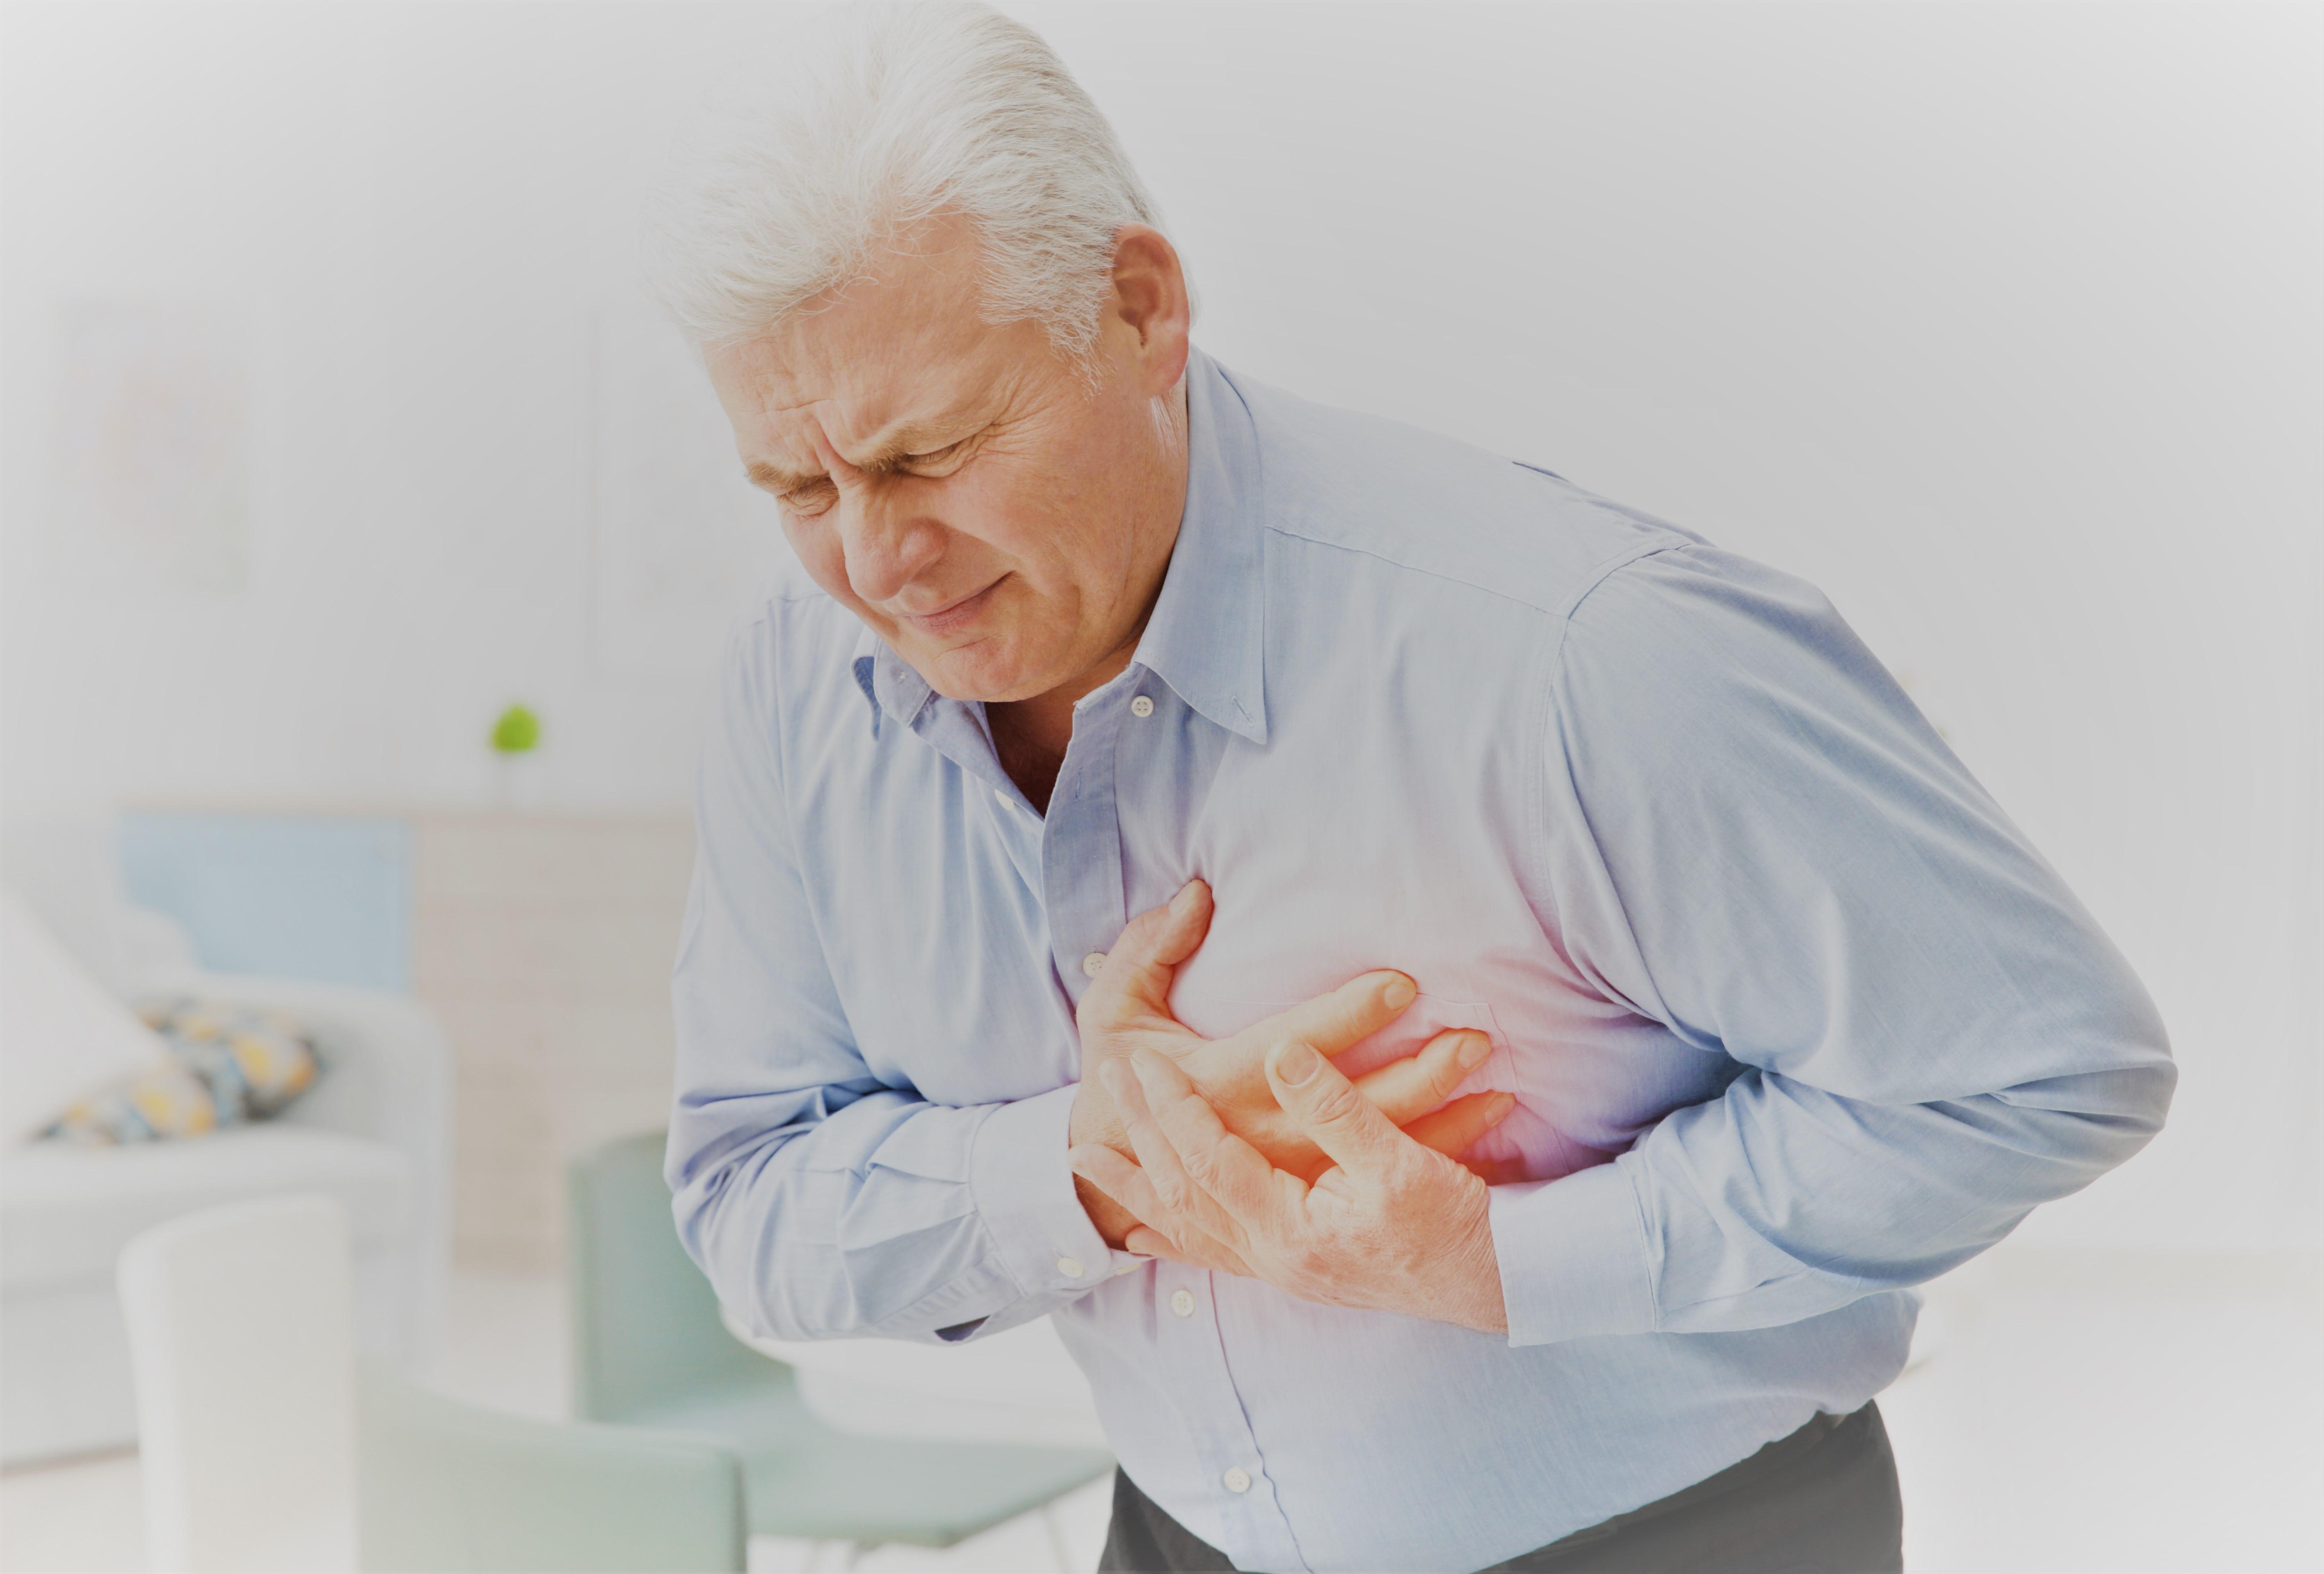 sztatinok szedése magas vérnyomás esetén